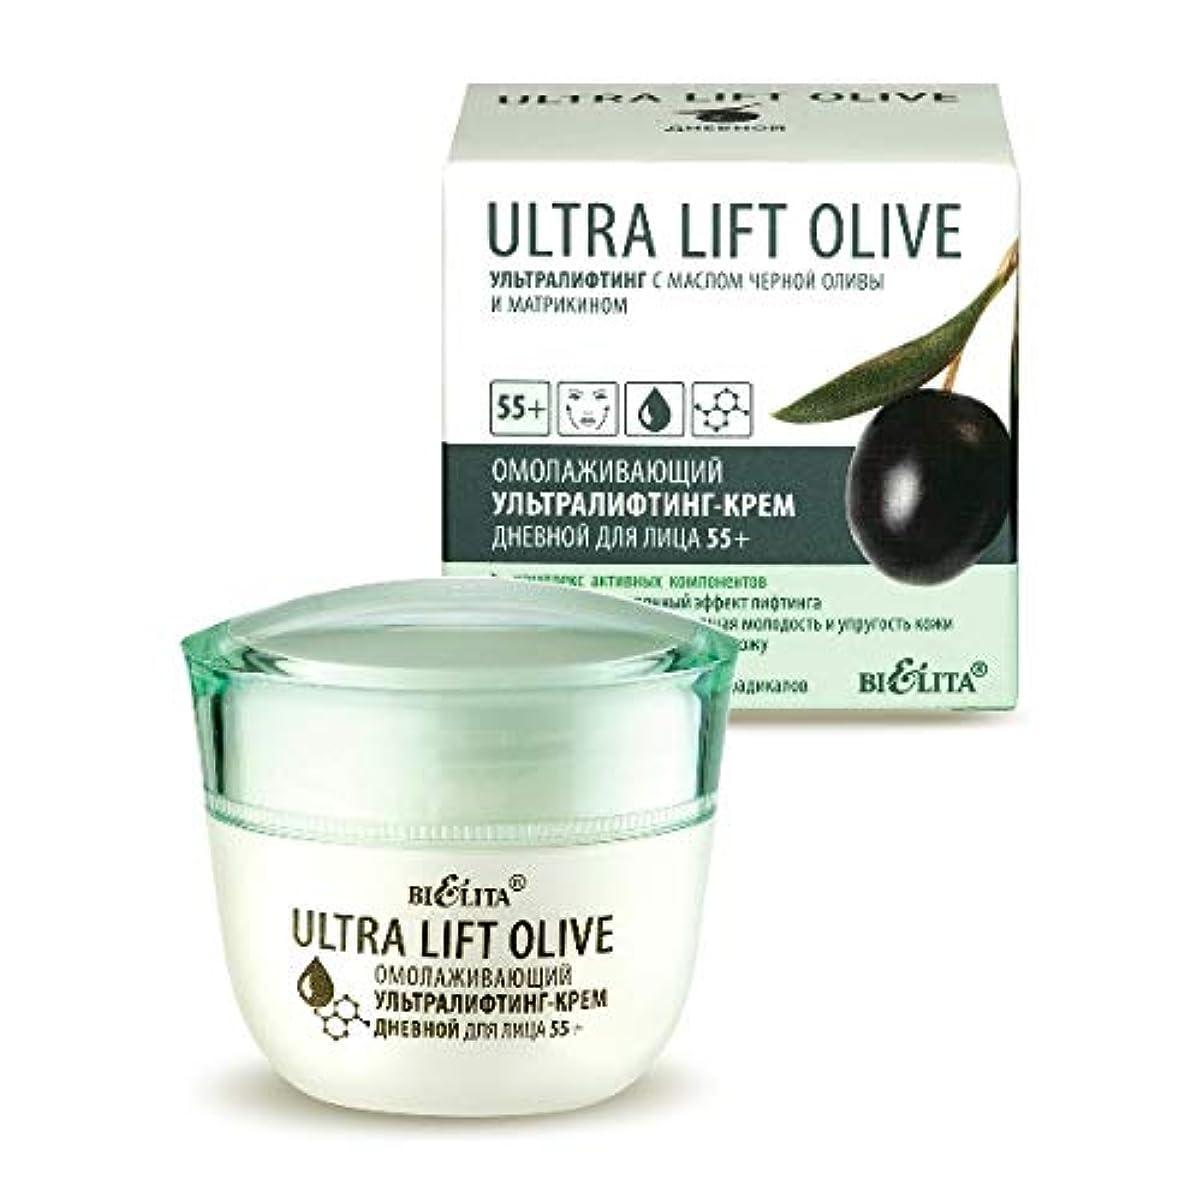 動力学サークル自動化Bielita & Vitex | Ultra lift olive | Face Lift Cream daytime ultralighting-face cream 55+ | reduces wrinkles and skin elasticity